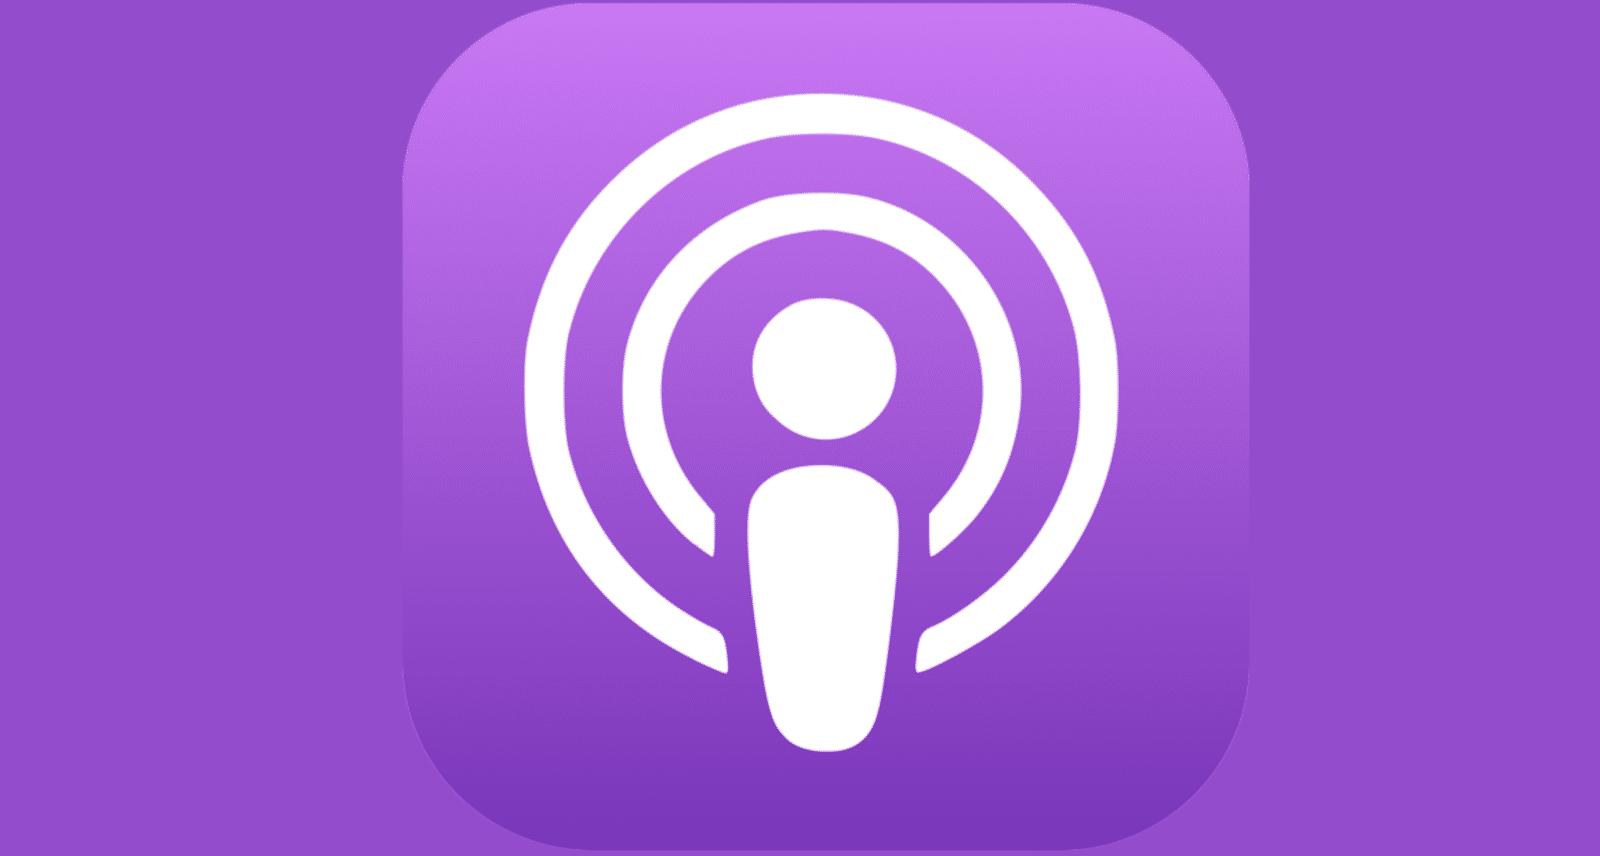 6 ข้อเสียหรือข้อสังเกตของ Podcast สิ่งที่เราอาจจะไม่คาดคิดแต่ต้องระวัง